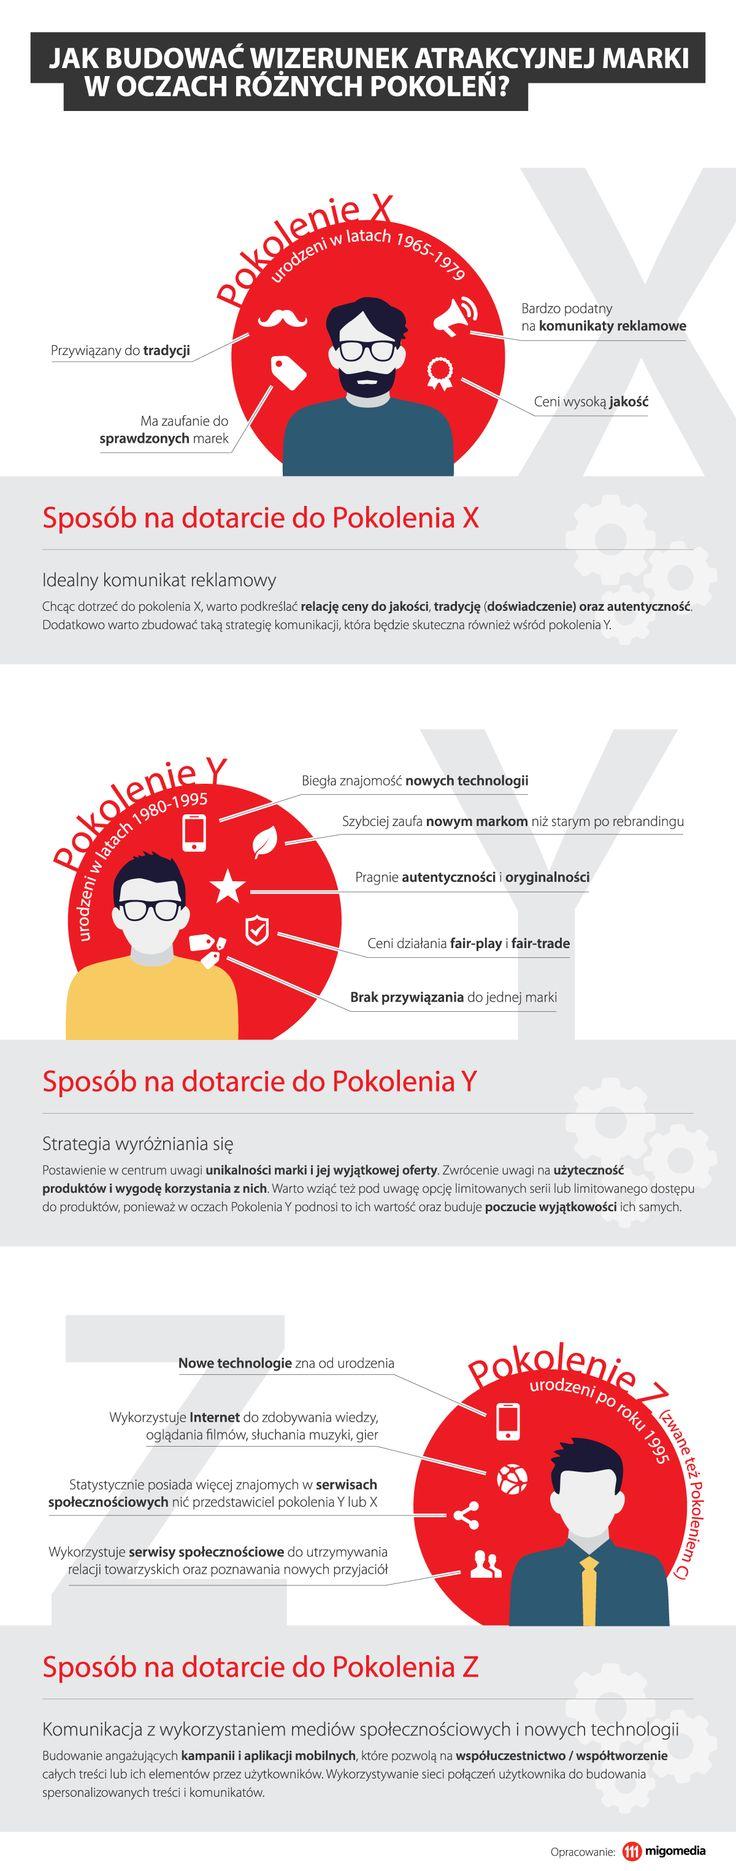 Jak budować wizerunek atrakcyjnej marki w oczach różnych pokoleń? #migomedia #infografika #marka #strategia